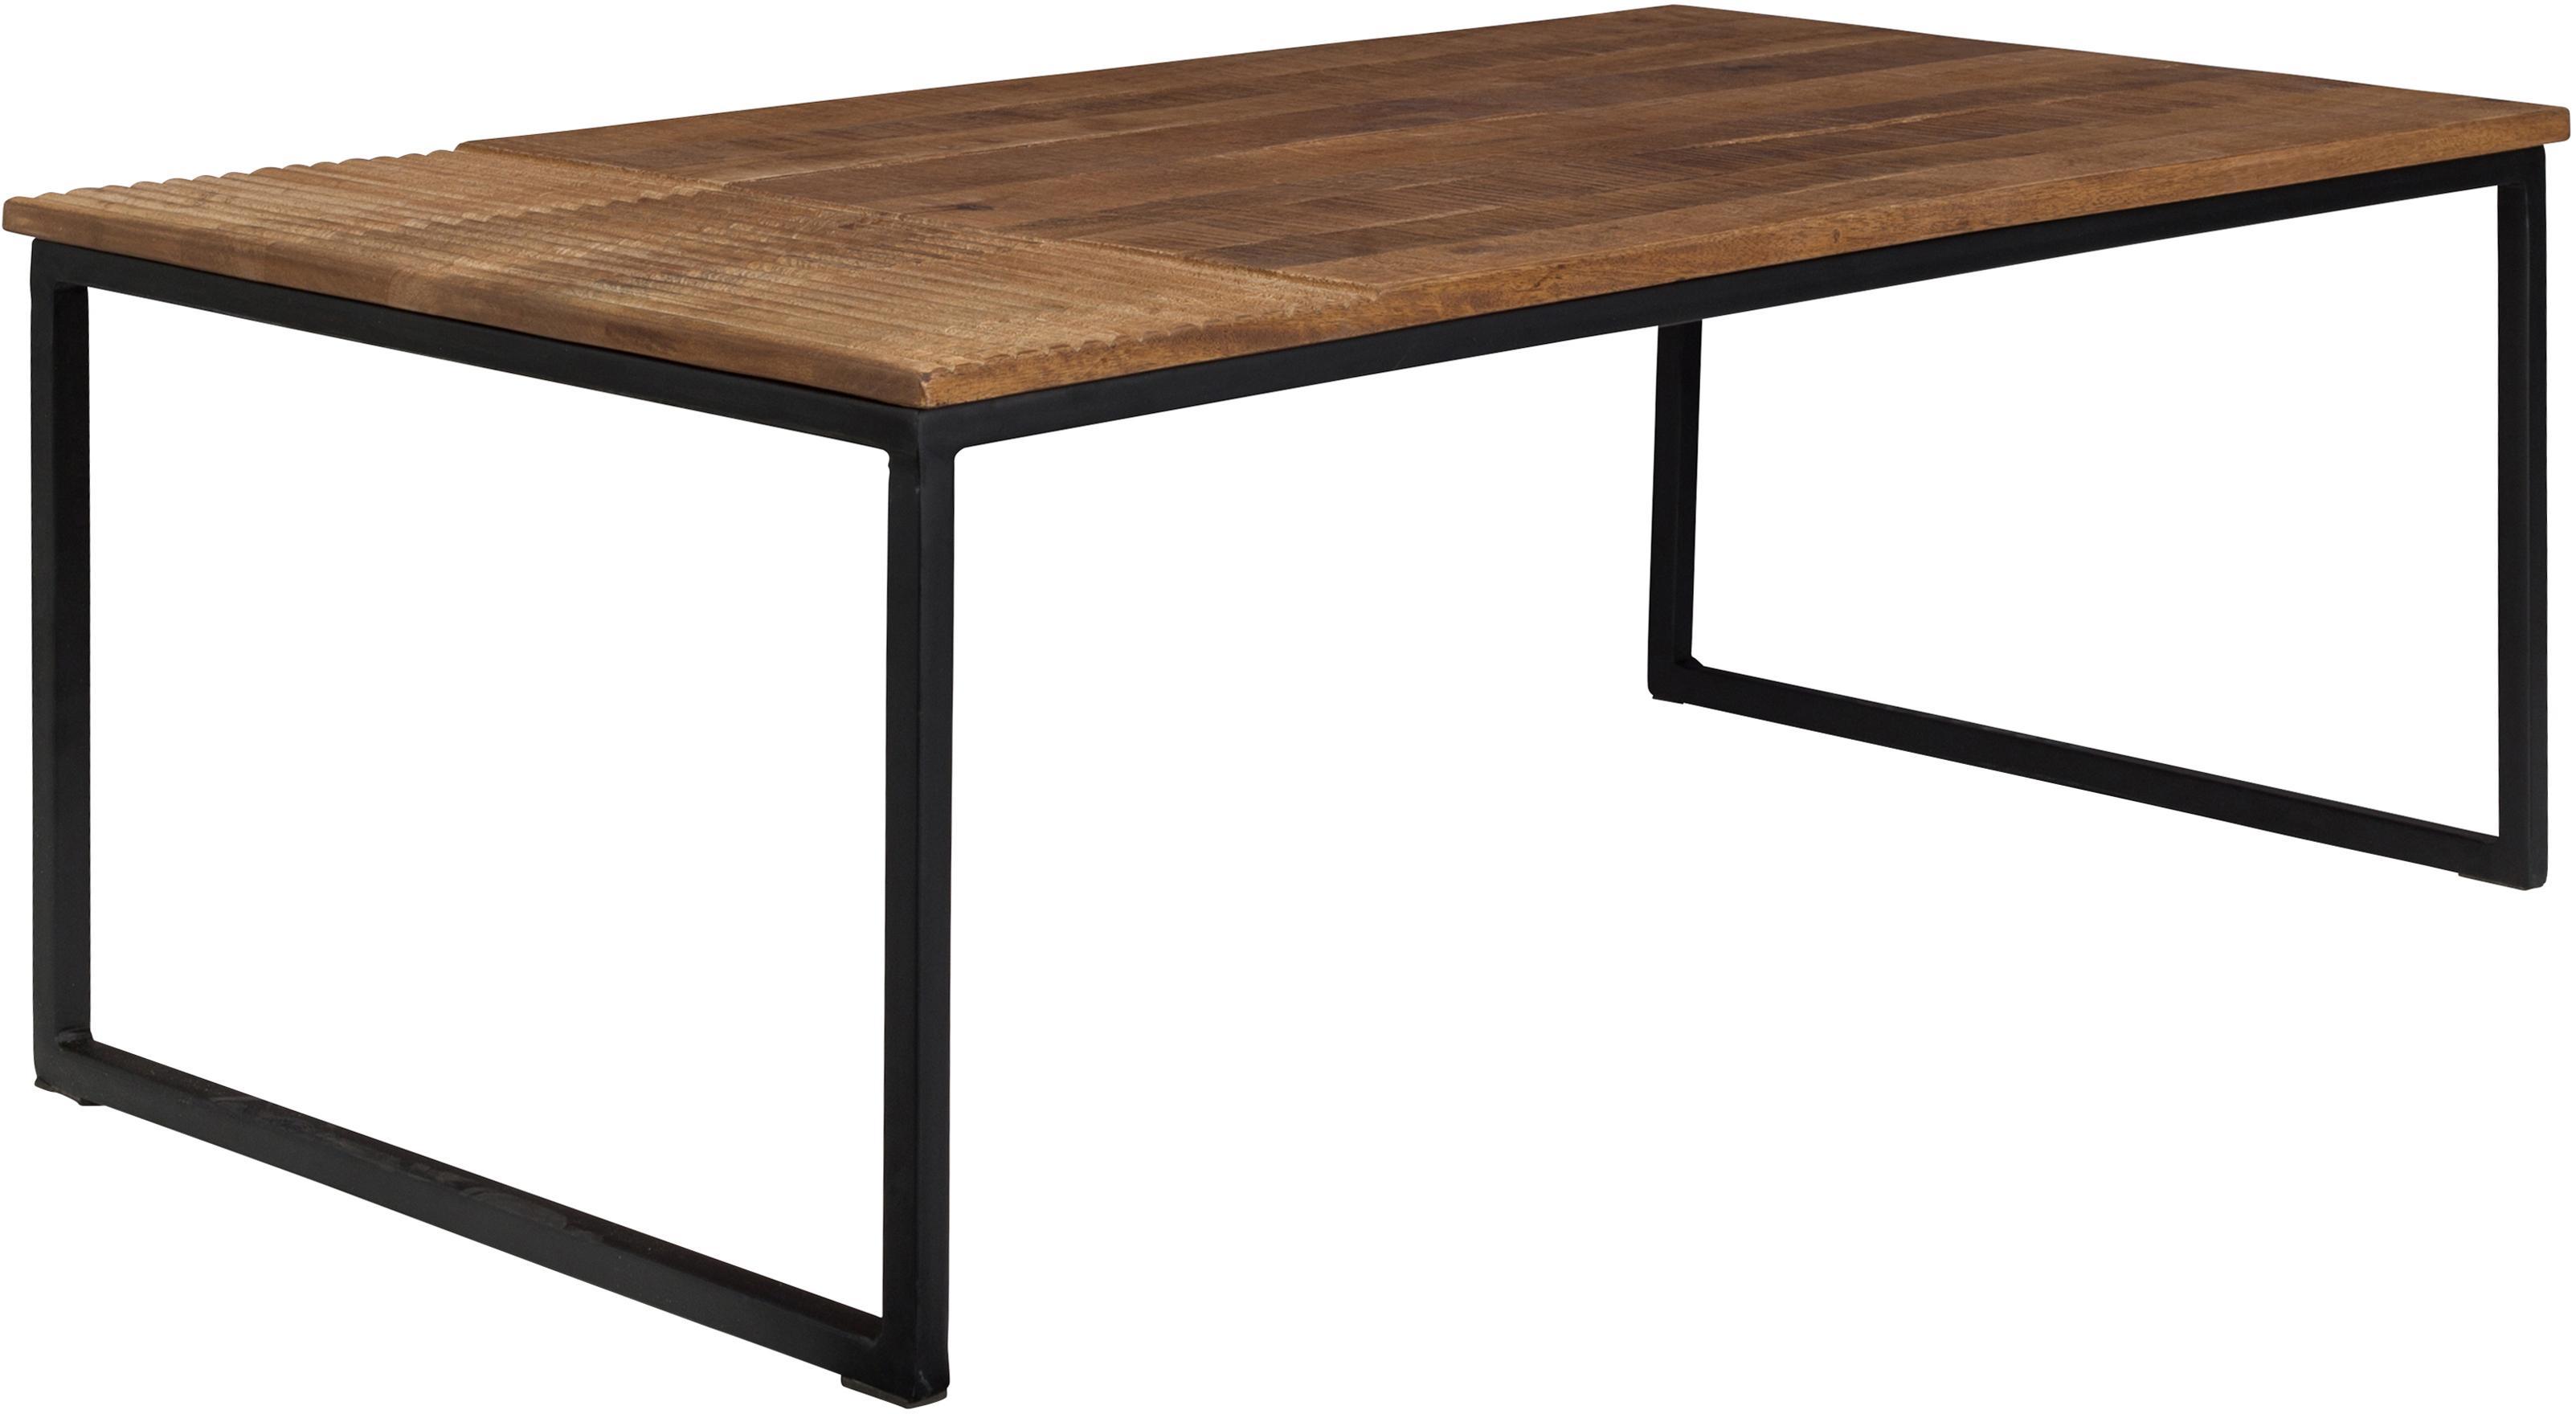 Tavolino da salotto industrial Randi, Piano d'appoggio: legno di mango massiccio, Piedini: acciaio, verniciato a pol, Piano d'appoggio: legno di mango Piedini: nero, Larg. 110 x Alt. 40 cm